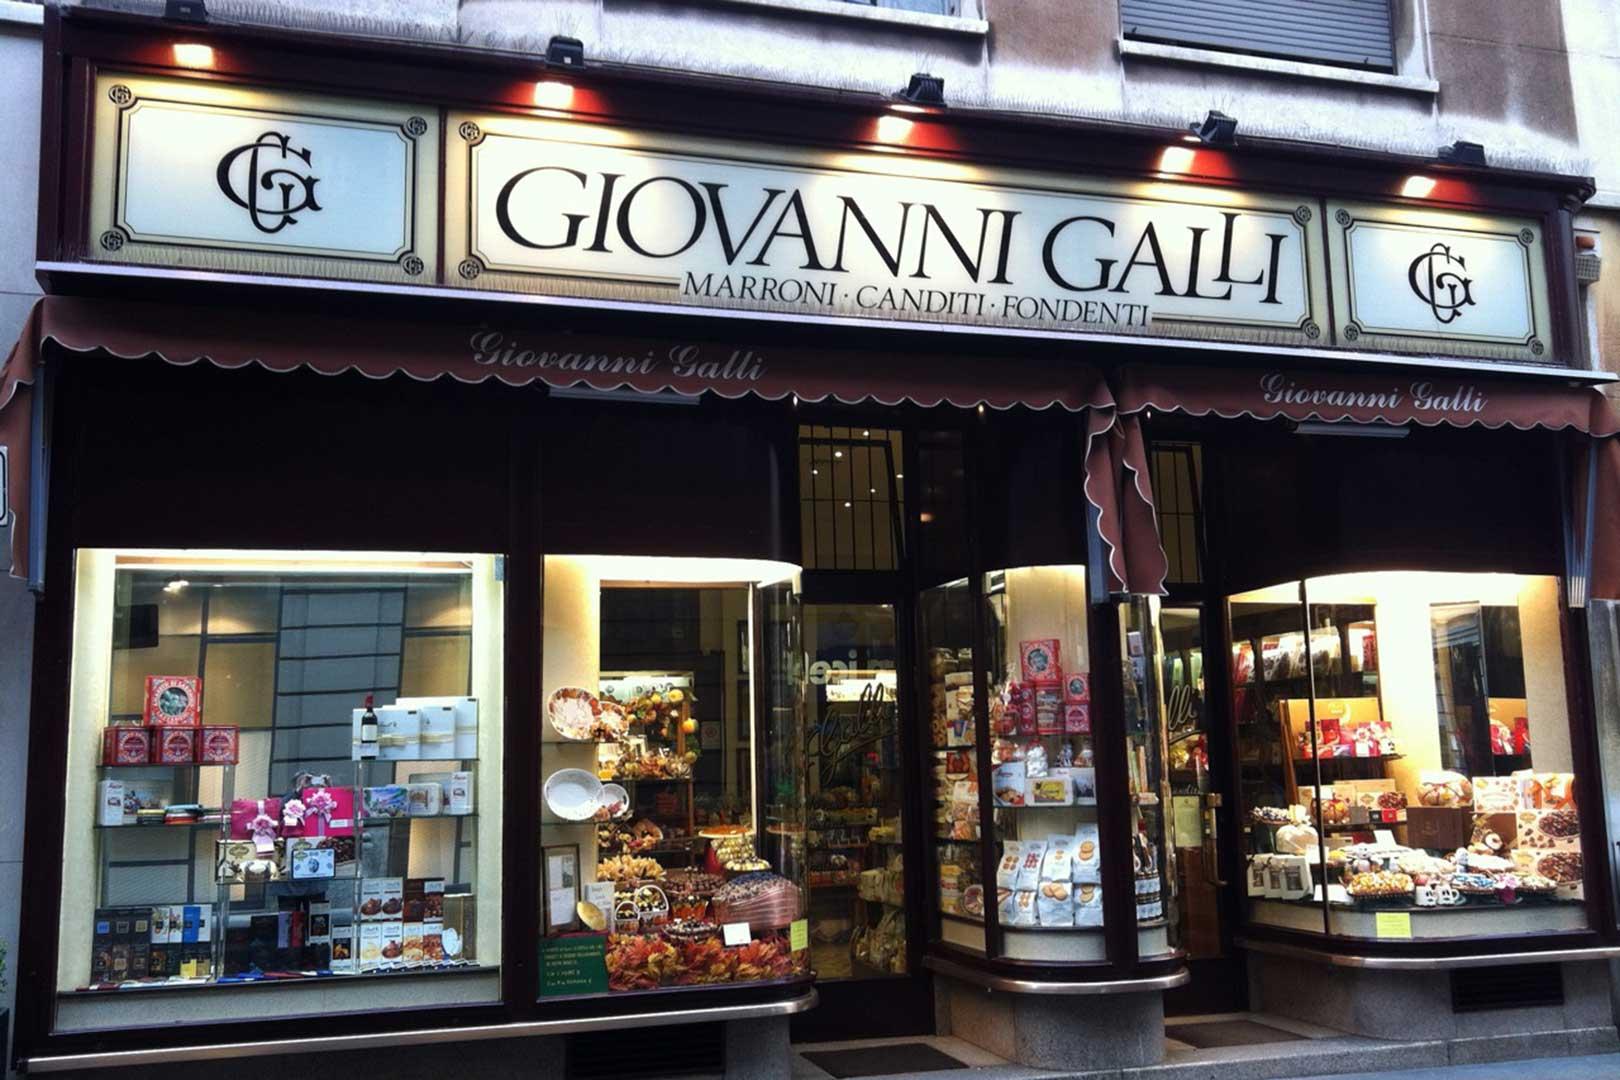 Giovanni Galli Glaces Marrons